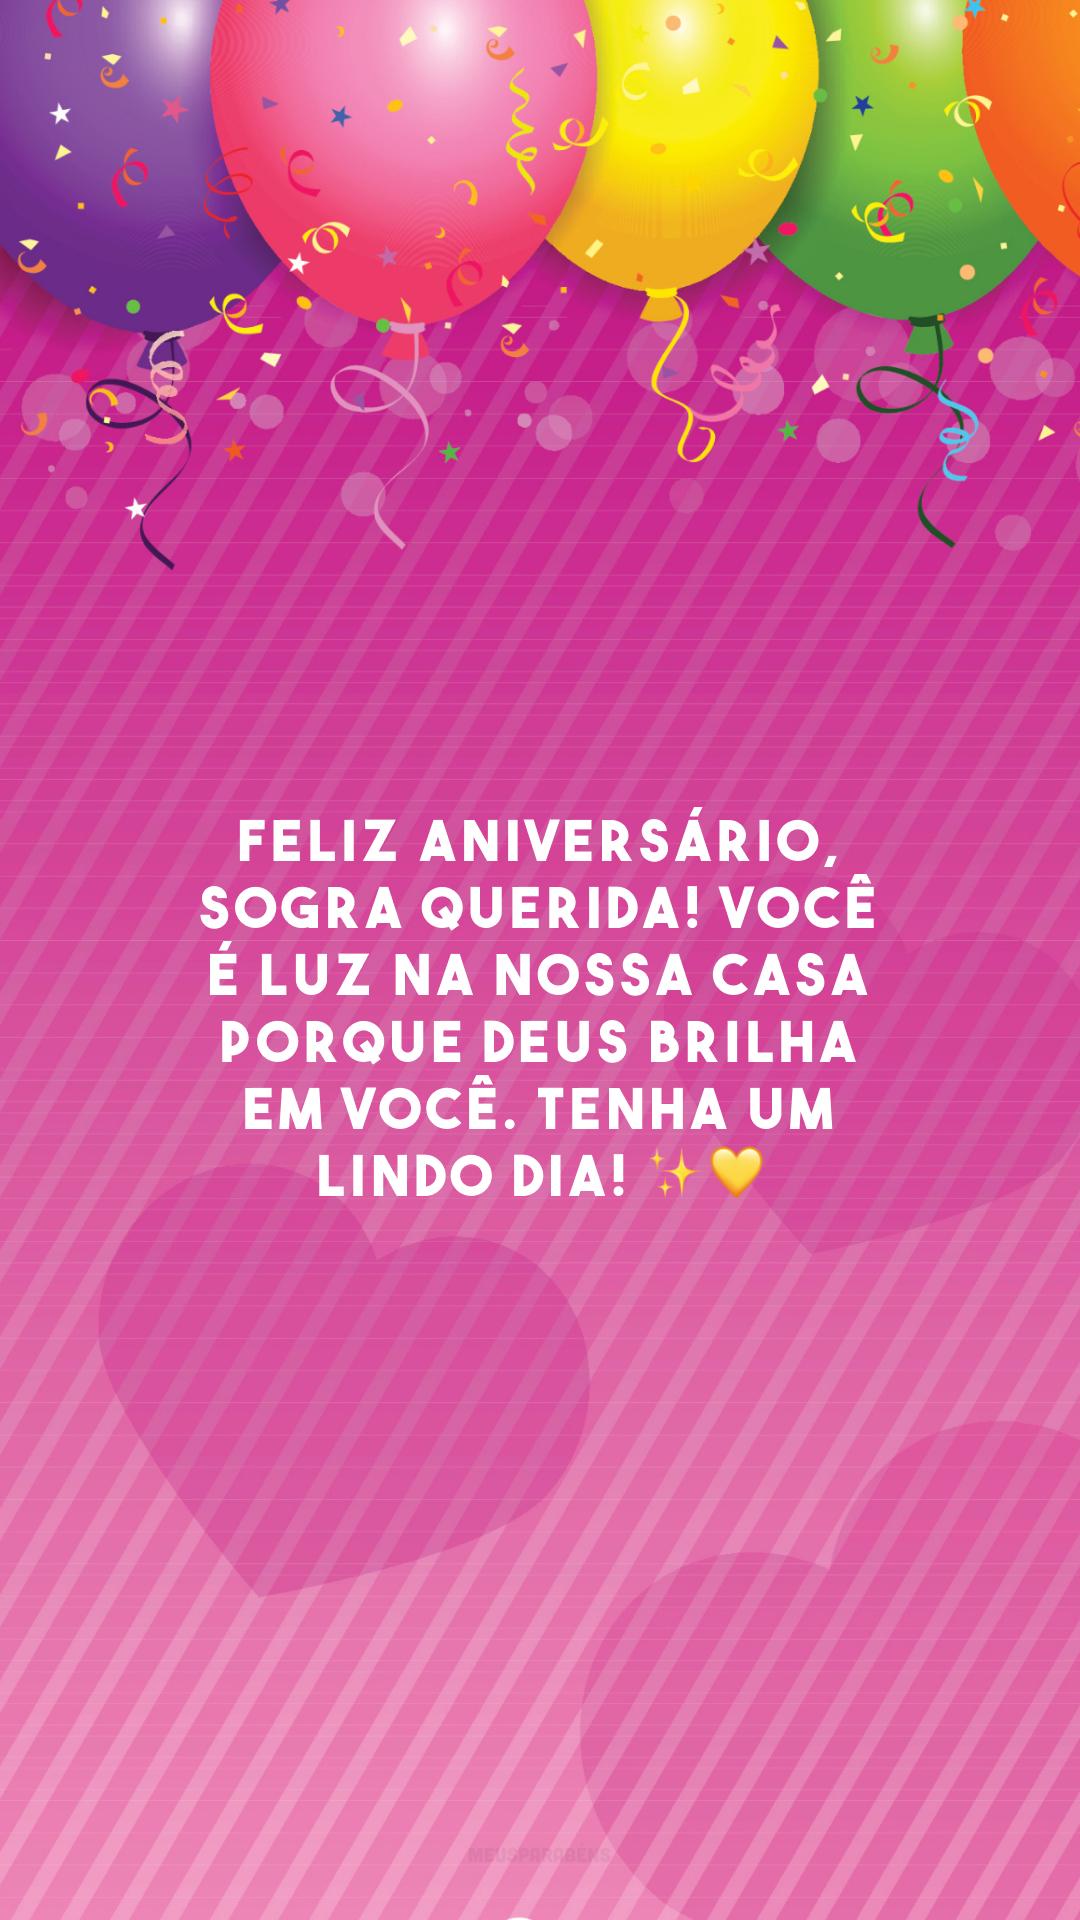 Feliz aniversário, sogra querida! Você é luz na nossa casa porque Deus brilha em você. Tenha um lindo dia! ✨💛